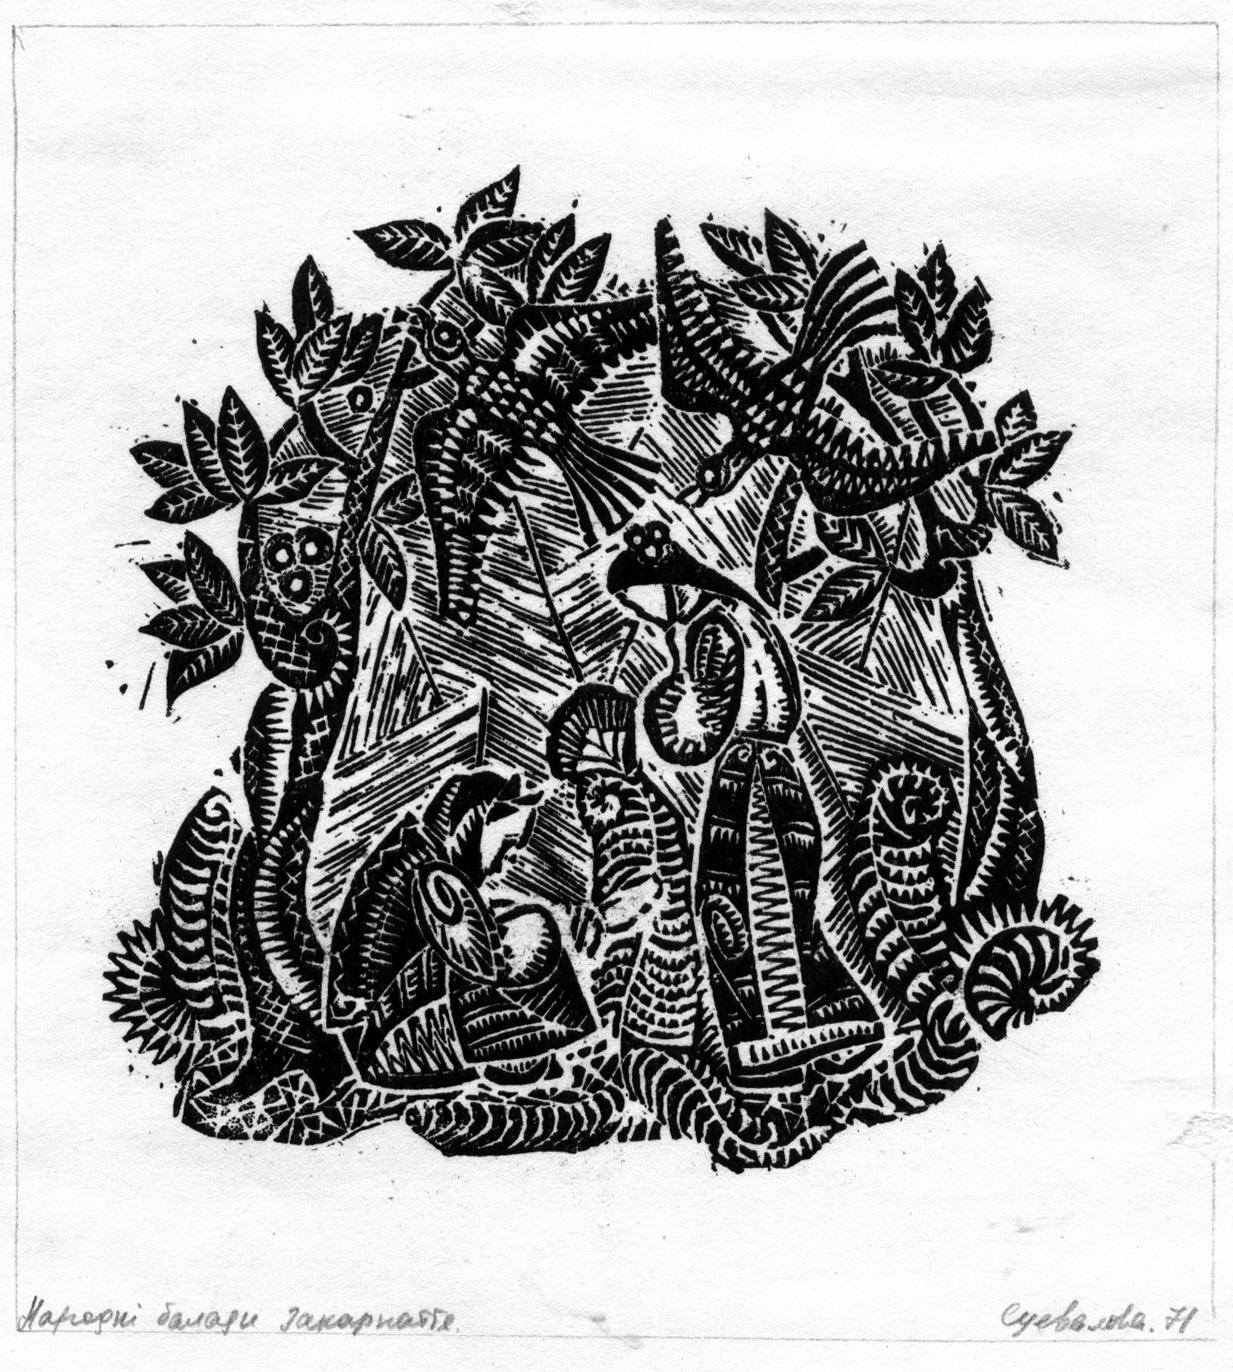 Катерина Суєвалова. Народні балади Закарпаття. Линогравюра. 1971